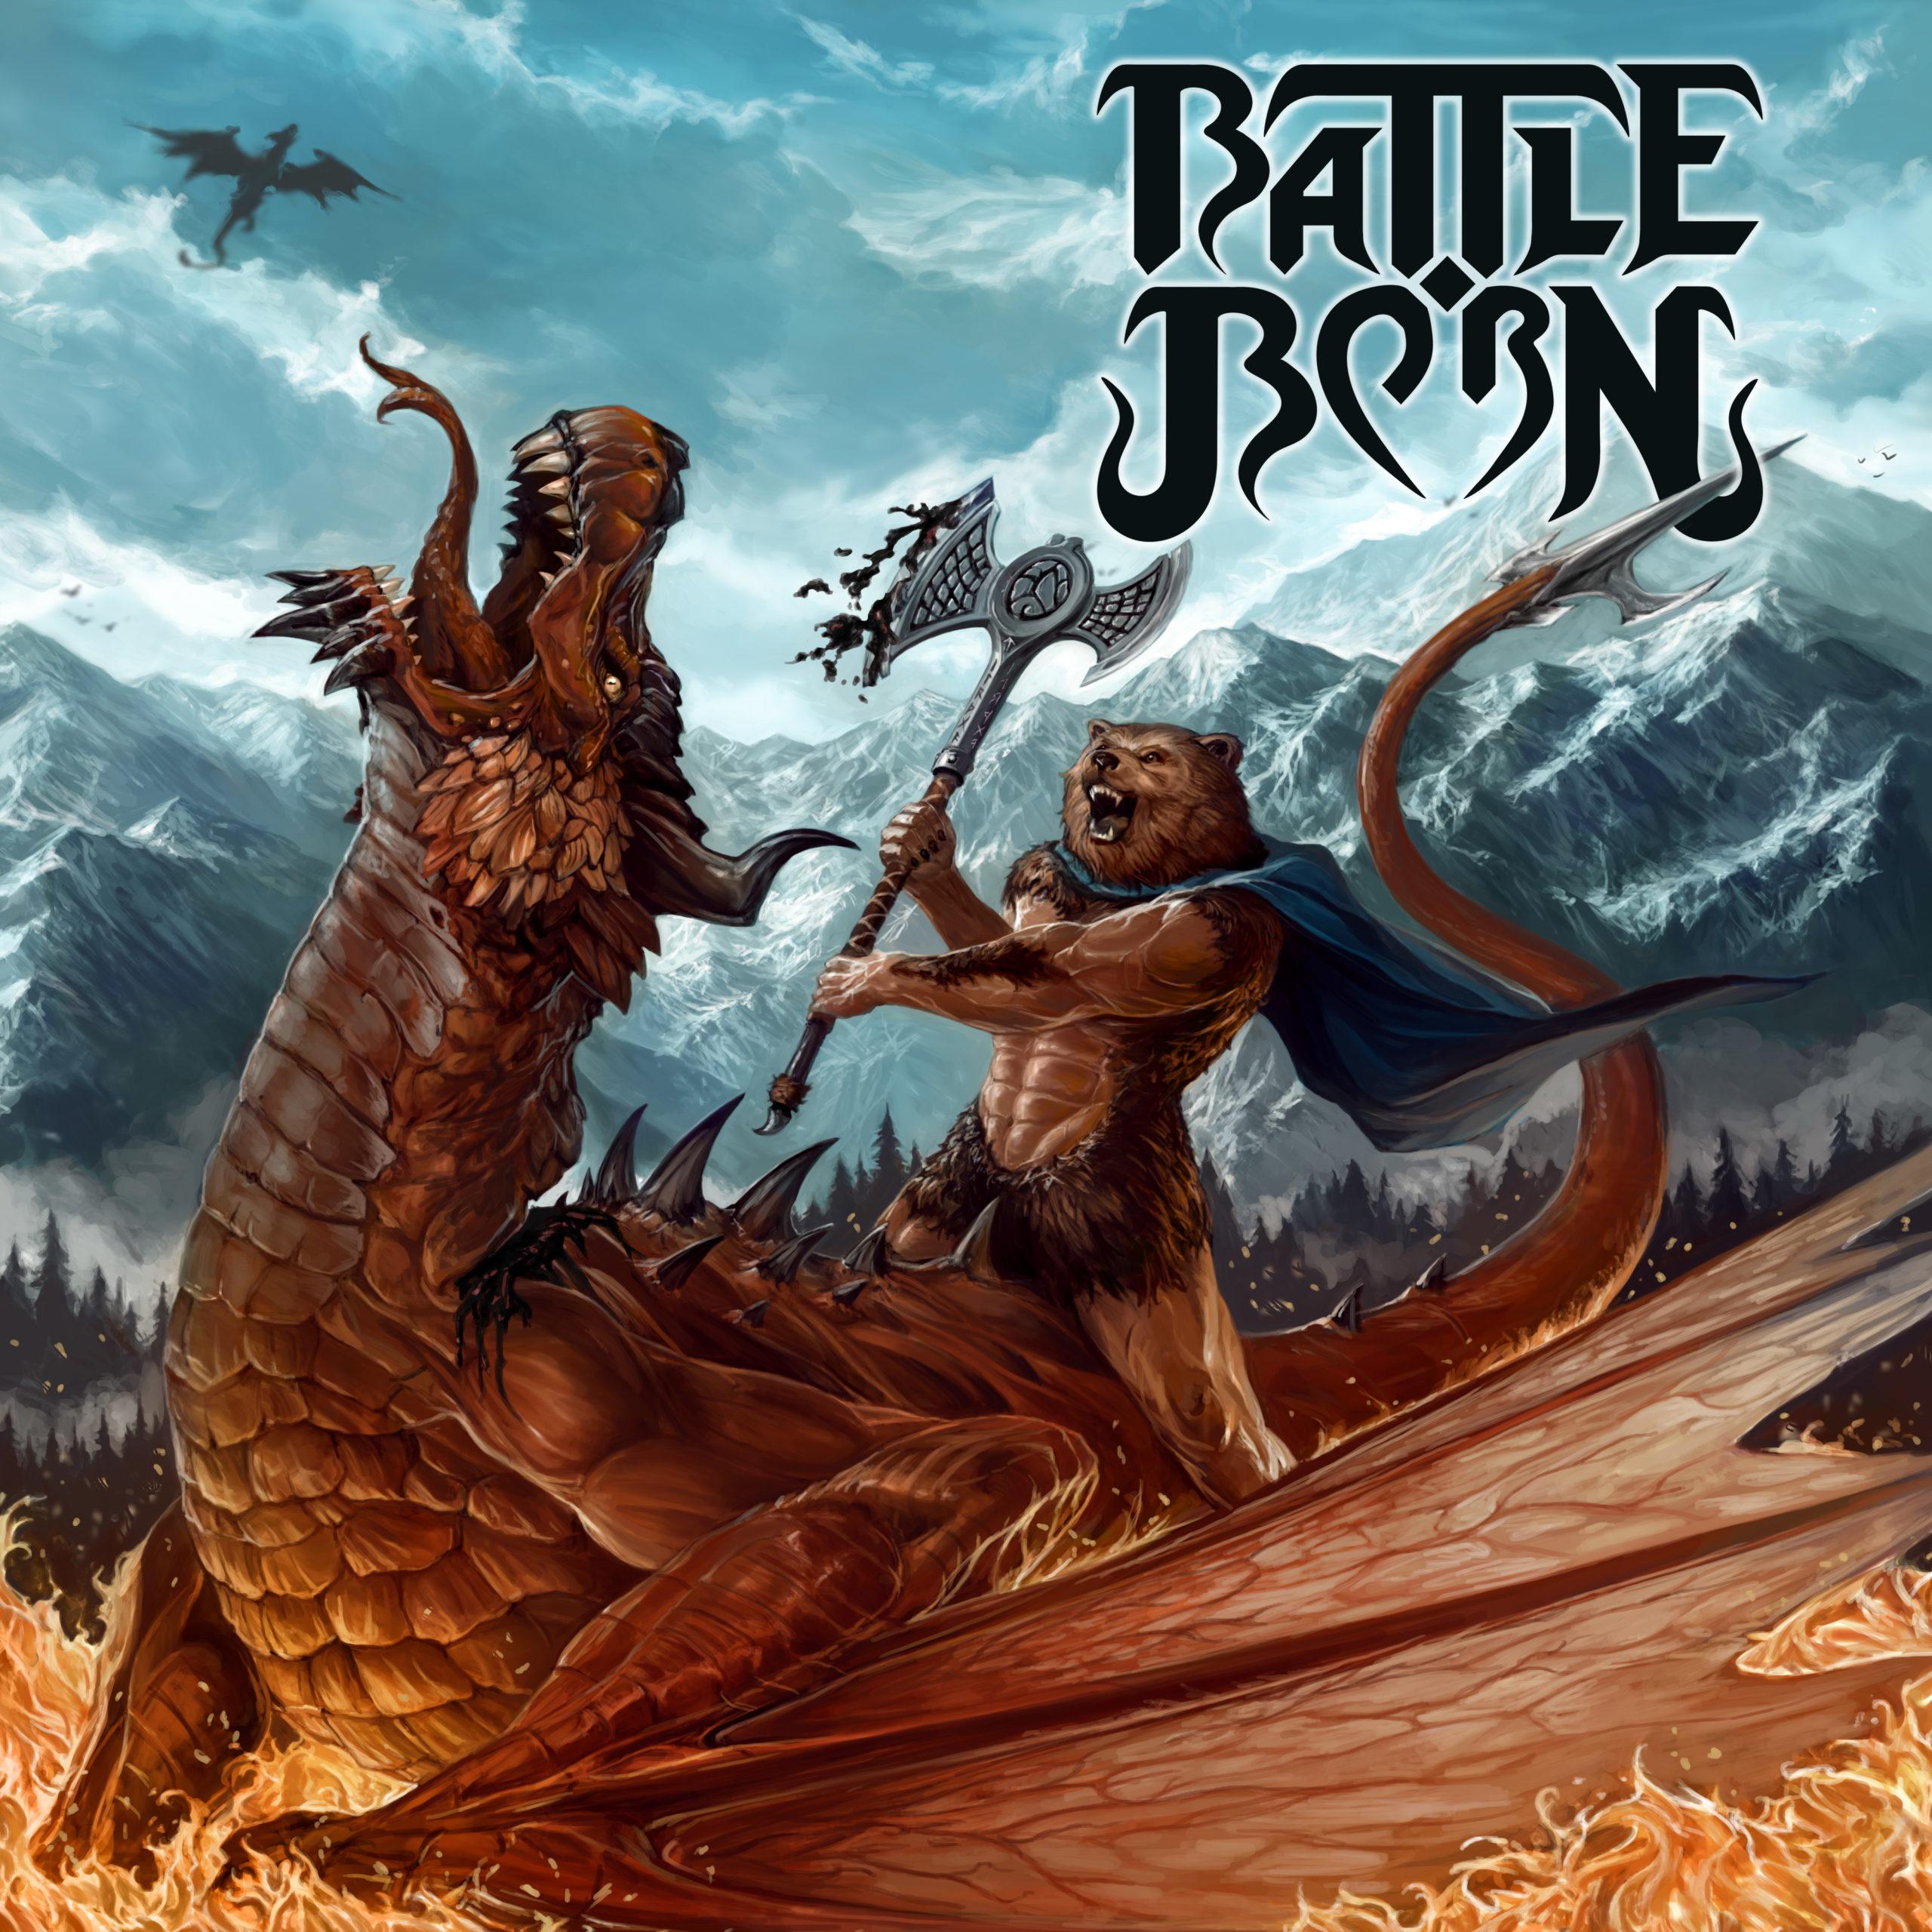 Battle Born – Battle Born